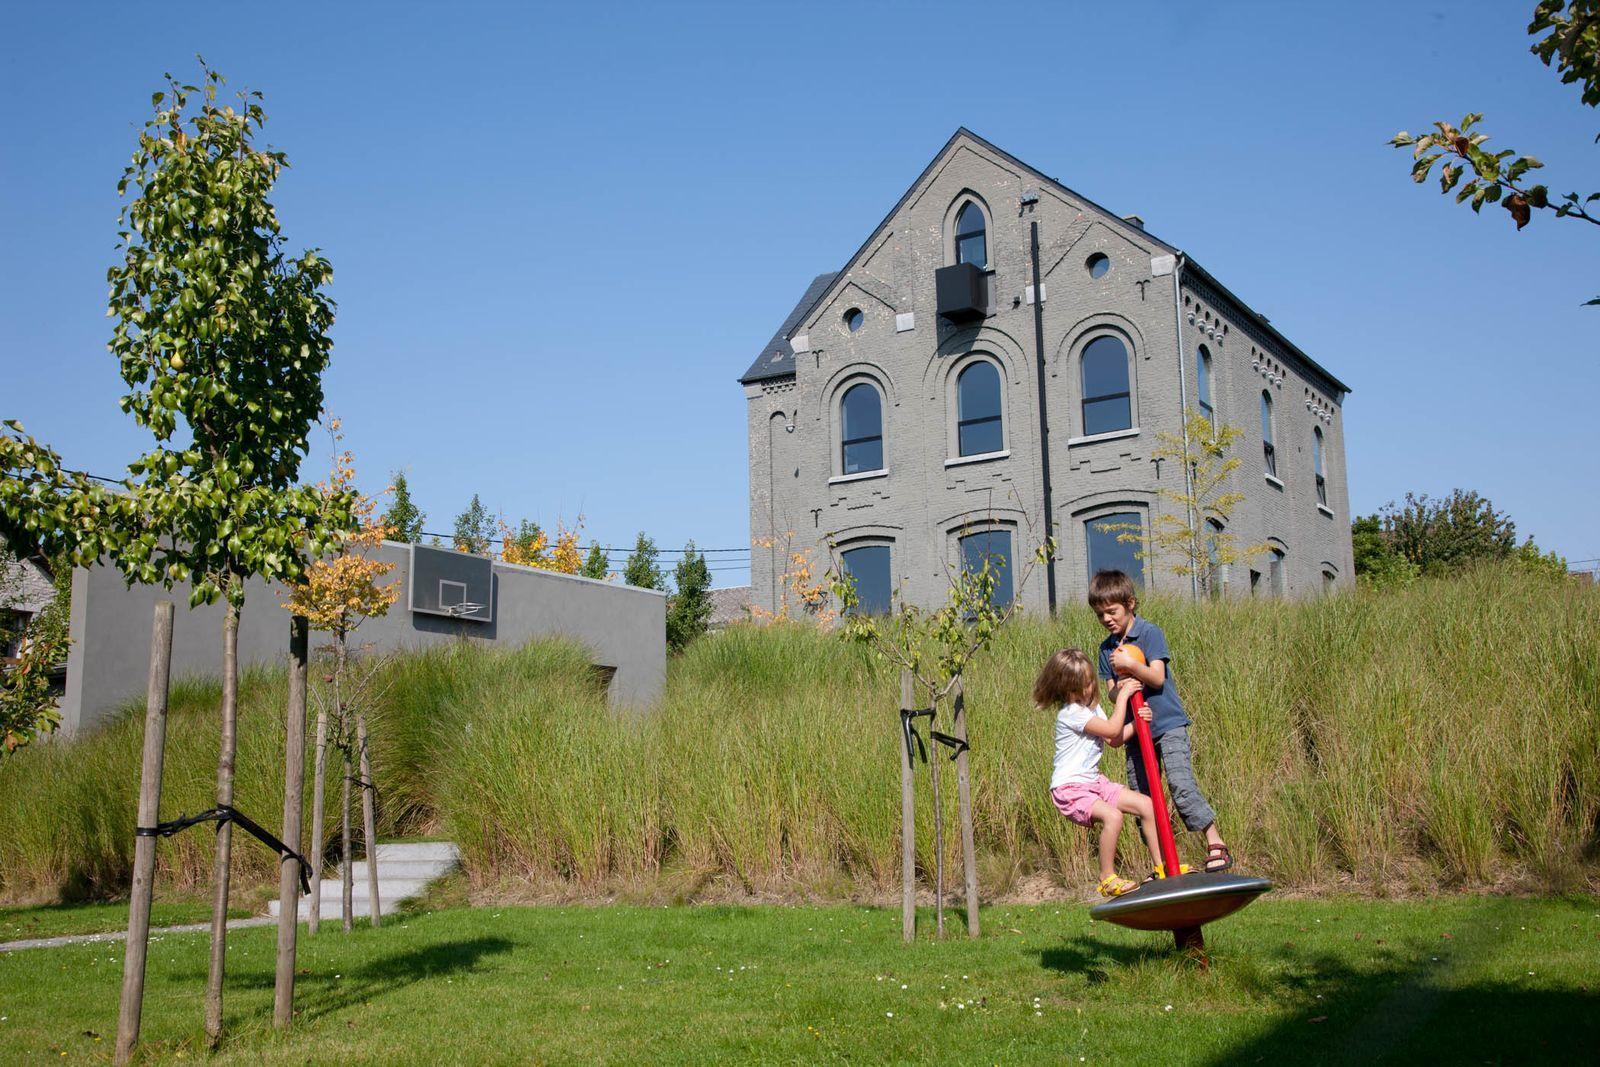 School in België